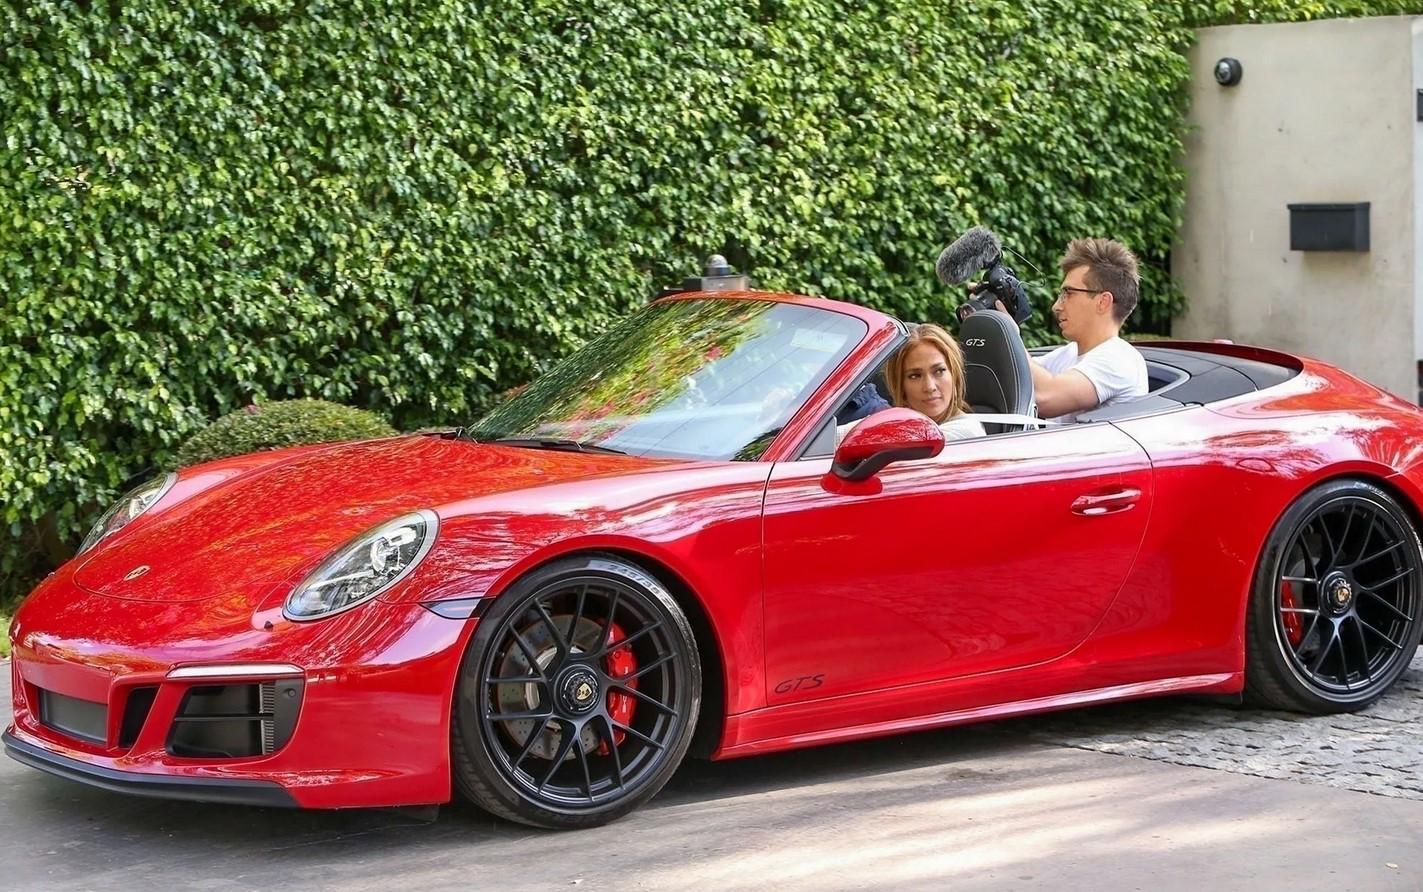 Алекс Родригес,позирует с красным Porsche, который он когда-то подарил бывшей Дженнифер Лопес